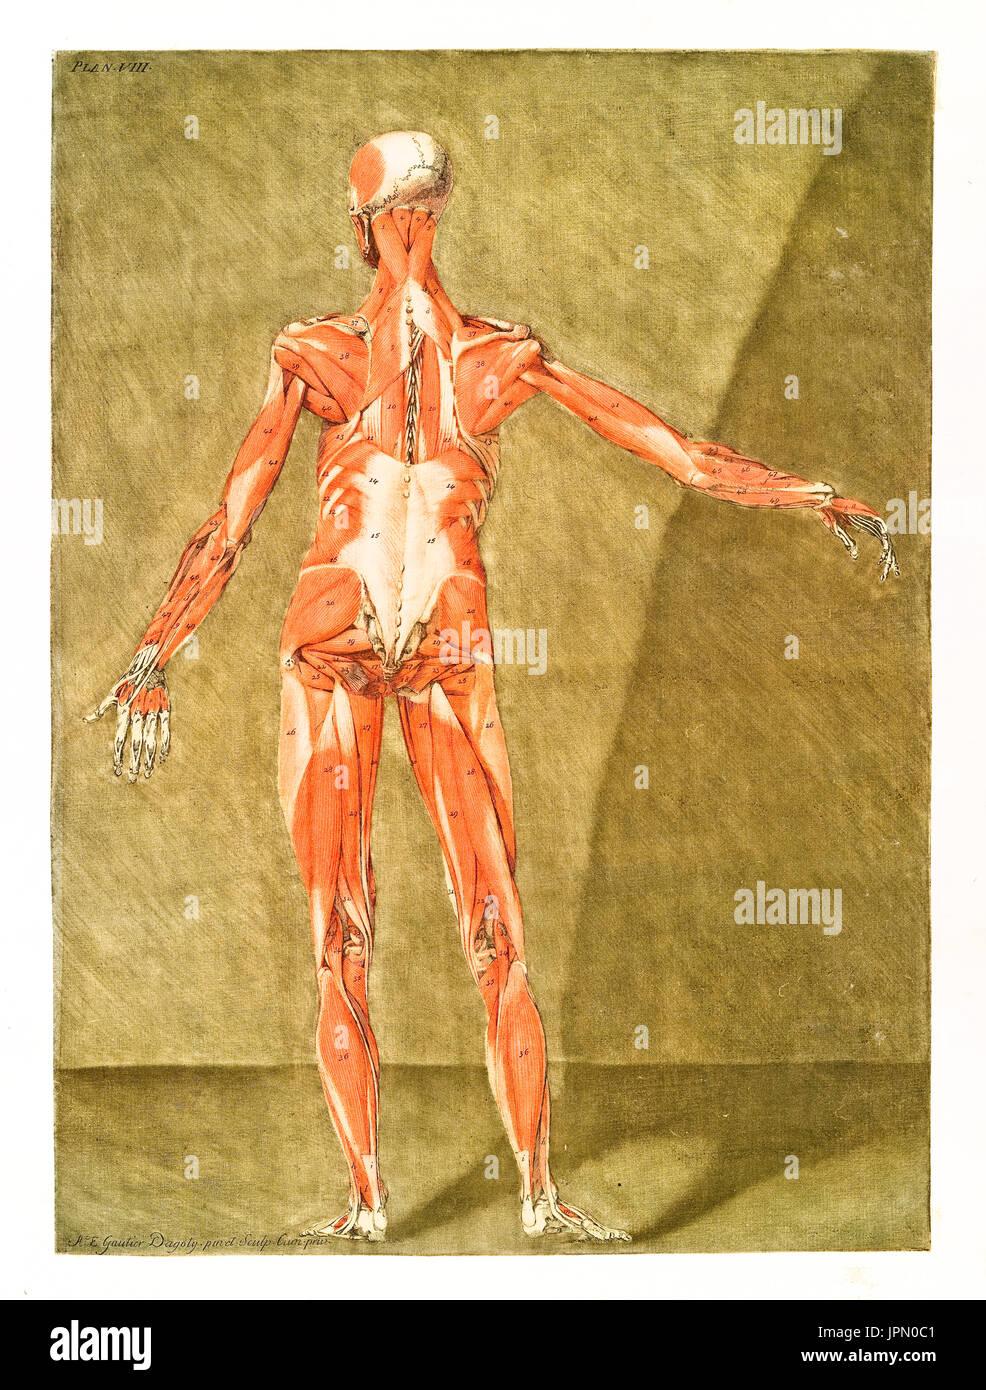 Wunderbar Knochen Markierungen Anatomie Bilder - Menschliche ...